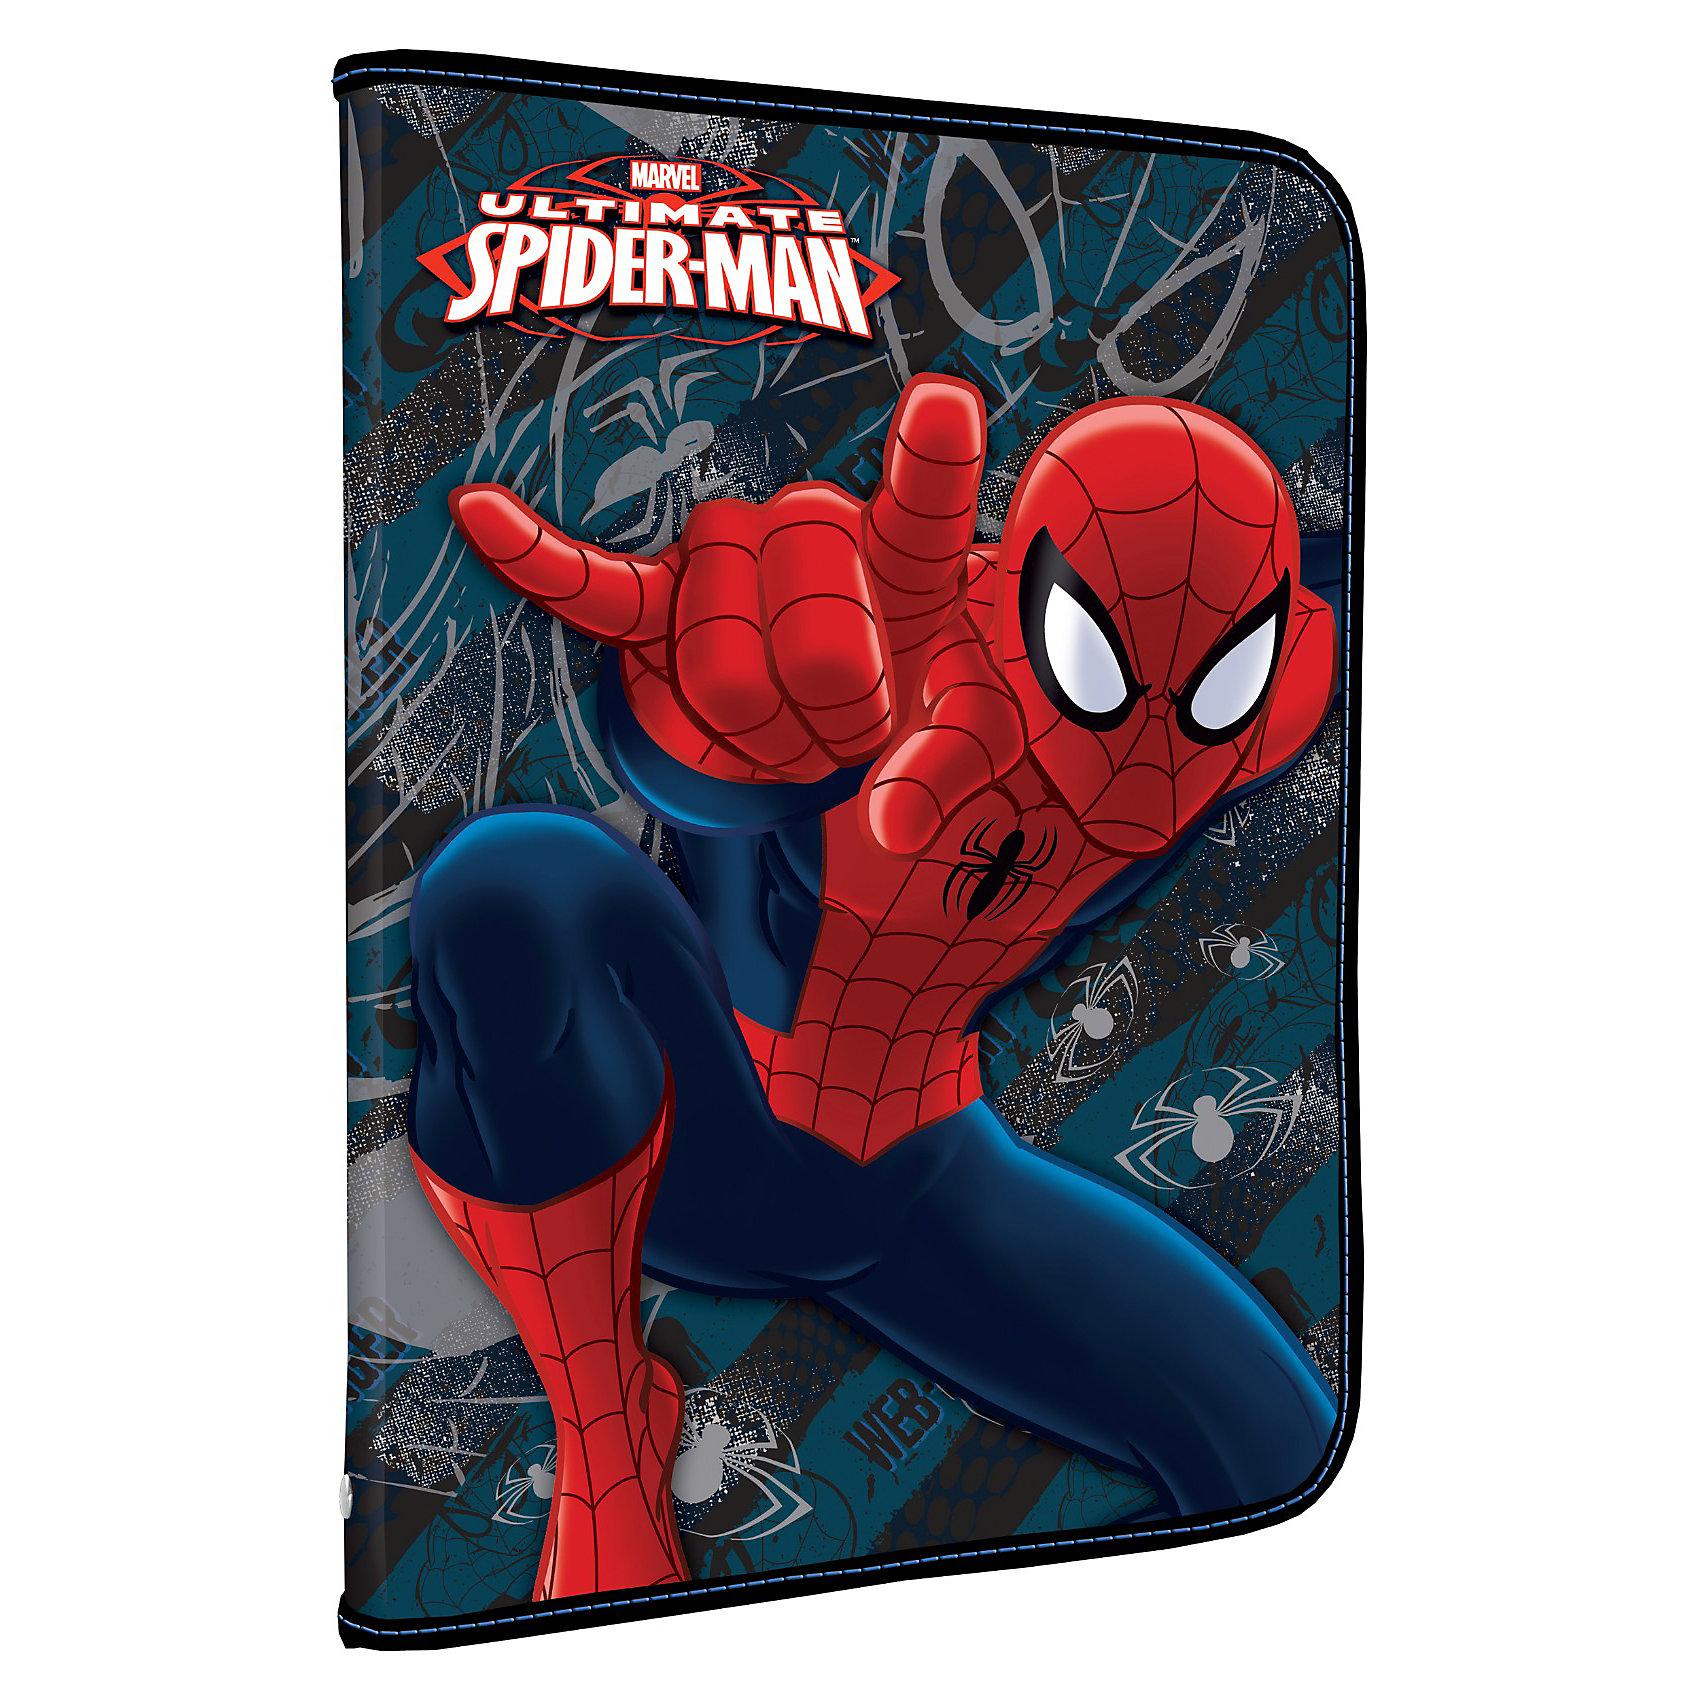 Папка для труда на молнии, Человек-ПаукПапки для труда<br>Папка для труда Spider-Man (Человек-Паук) будет отличным помощником Вашему ребенку в школе.<br> <br>Дополнительная информация:<br><br>- имеется дополнительный вкладыш с креплениями для канцелярских пренадлежностей. <br>- размеры упаковки: 48 х 32 см.<br><br>Папку для труда Spider Man можно купить в нашем магазине.<br><br>Ширина мм: 484<br>Глубина мм: 324<br>Высота мм: 10<br>Вес г: 170<br>Возраст от месяцев: 48<br>Возраст до месяцев: 84<br>Пол: Мужской<br>Возраст: Детский<br>SKU: 3563005